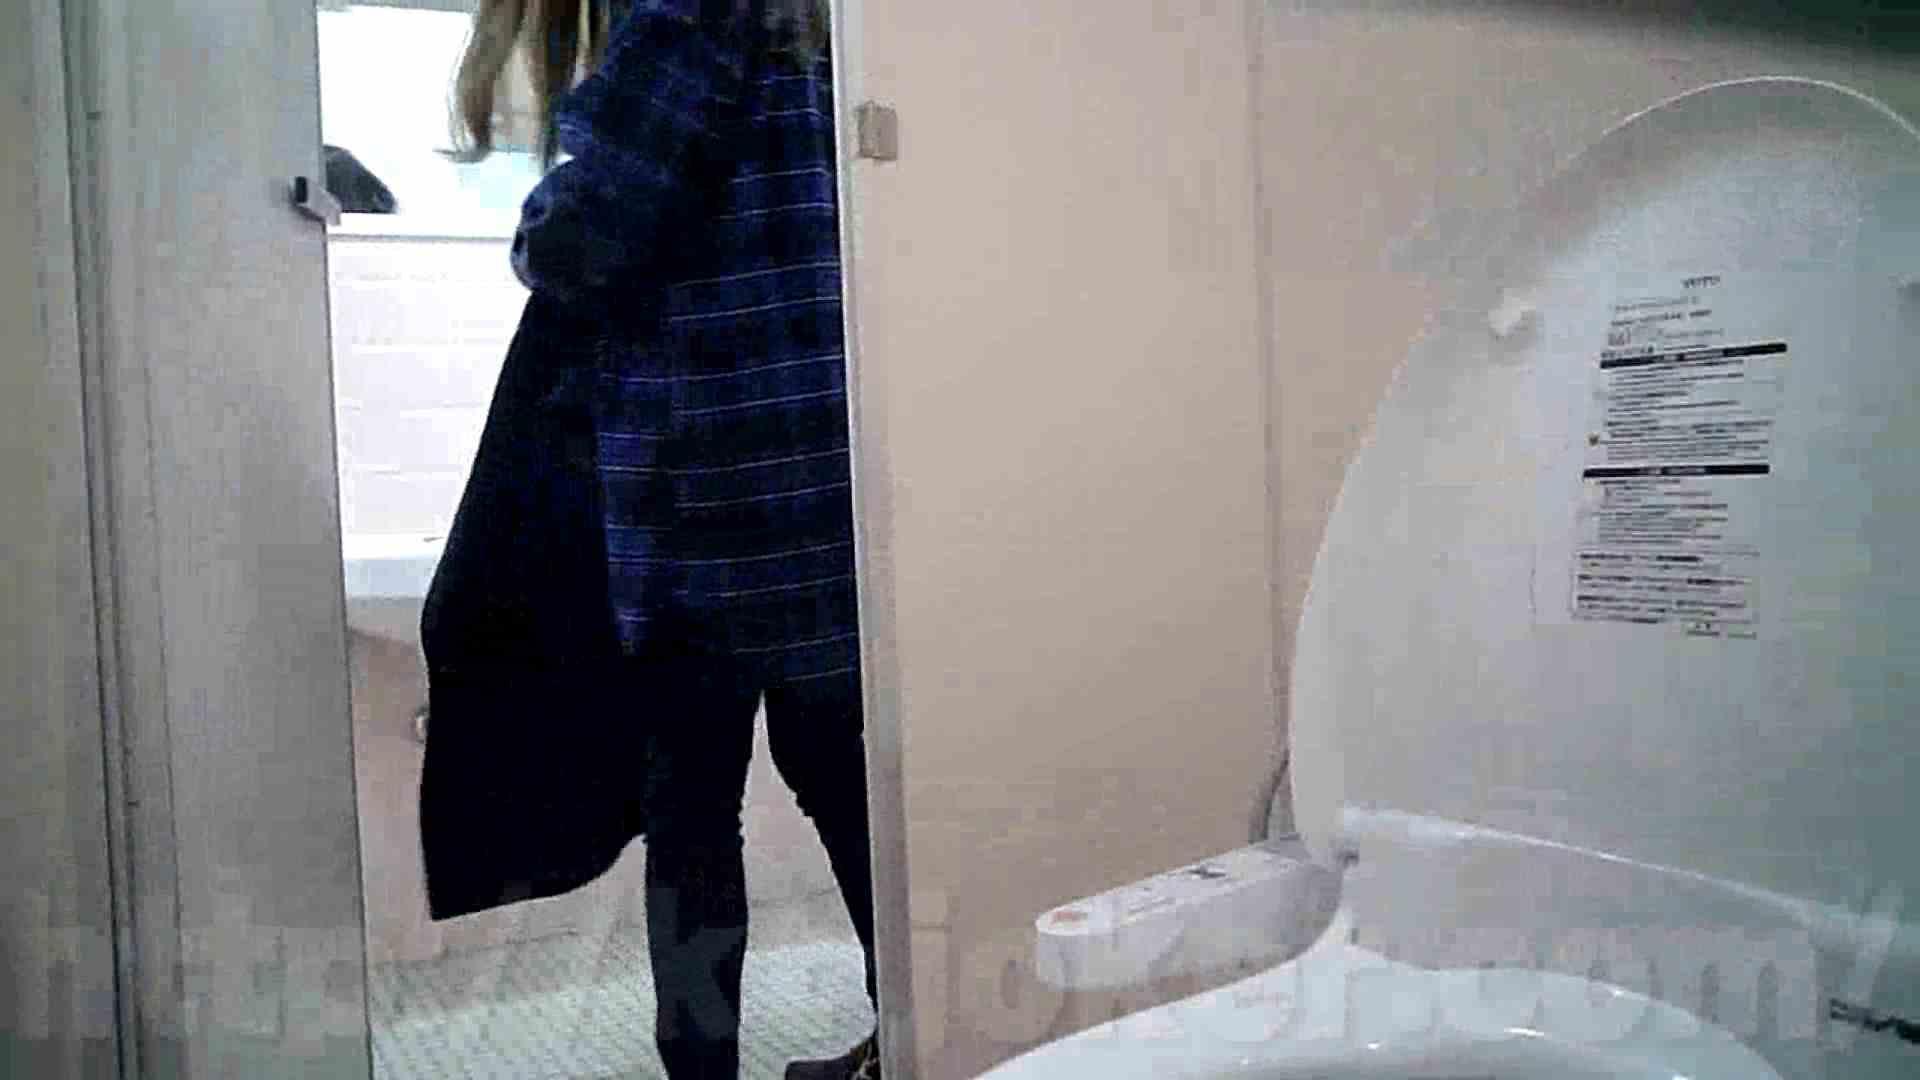 某有名大学女性洗面所 vol.25 覗き おまんこ動画流出 9枚 7